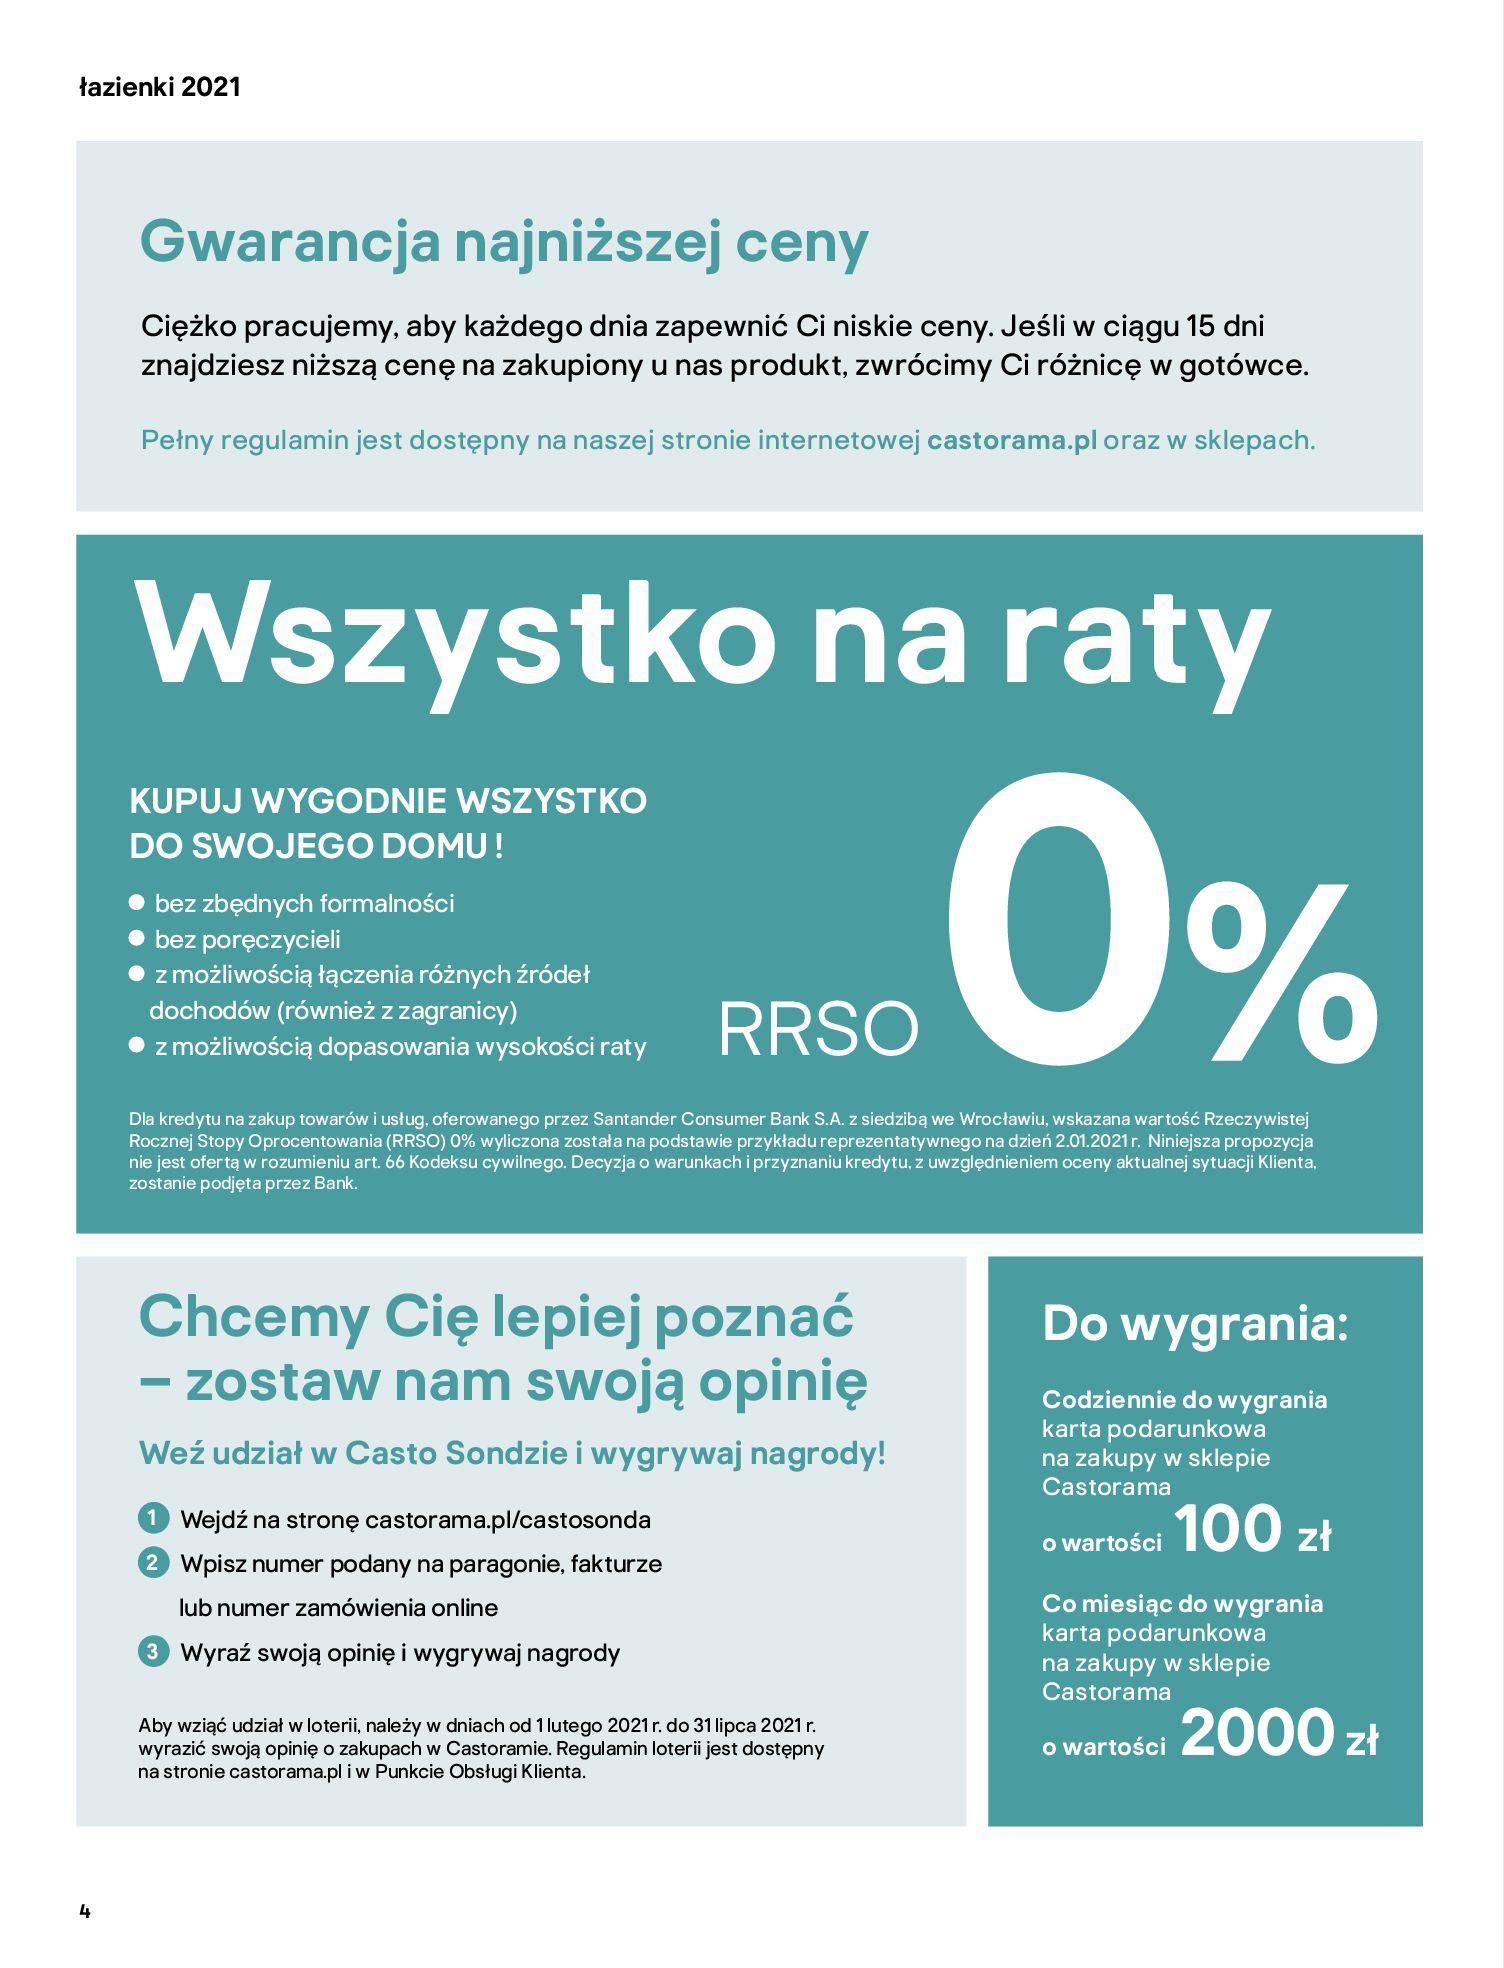 Gazetka Castorama: Gazetka Castorama - katalog łazienki 2021 2021-06-16 page-4